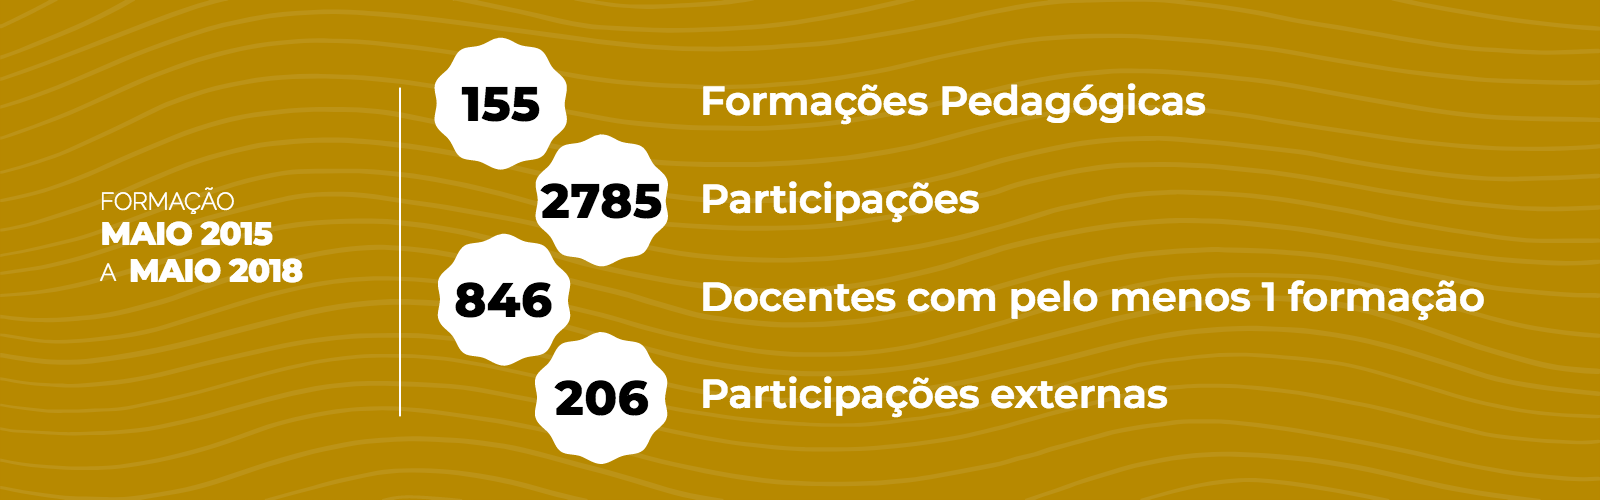 Formação Pedagógica para Docentes – maio 2015 a maio 2018